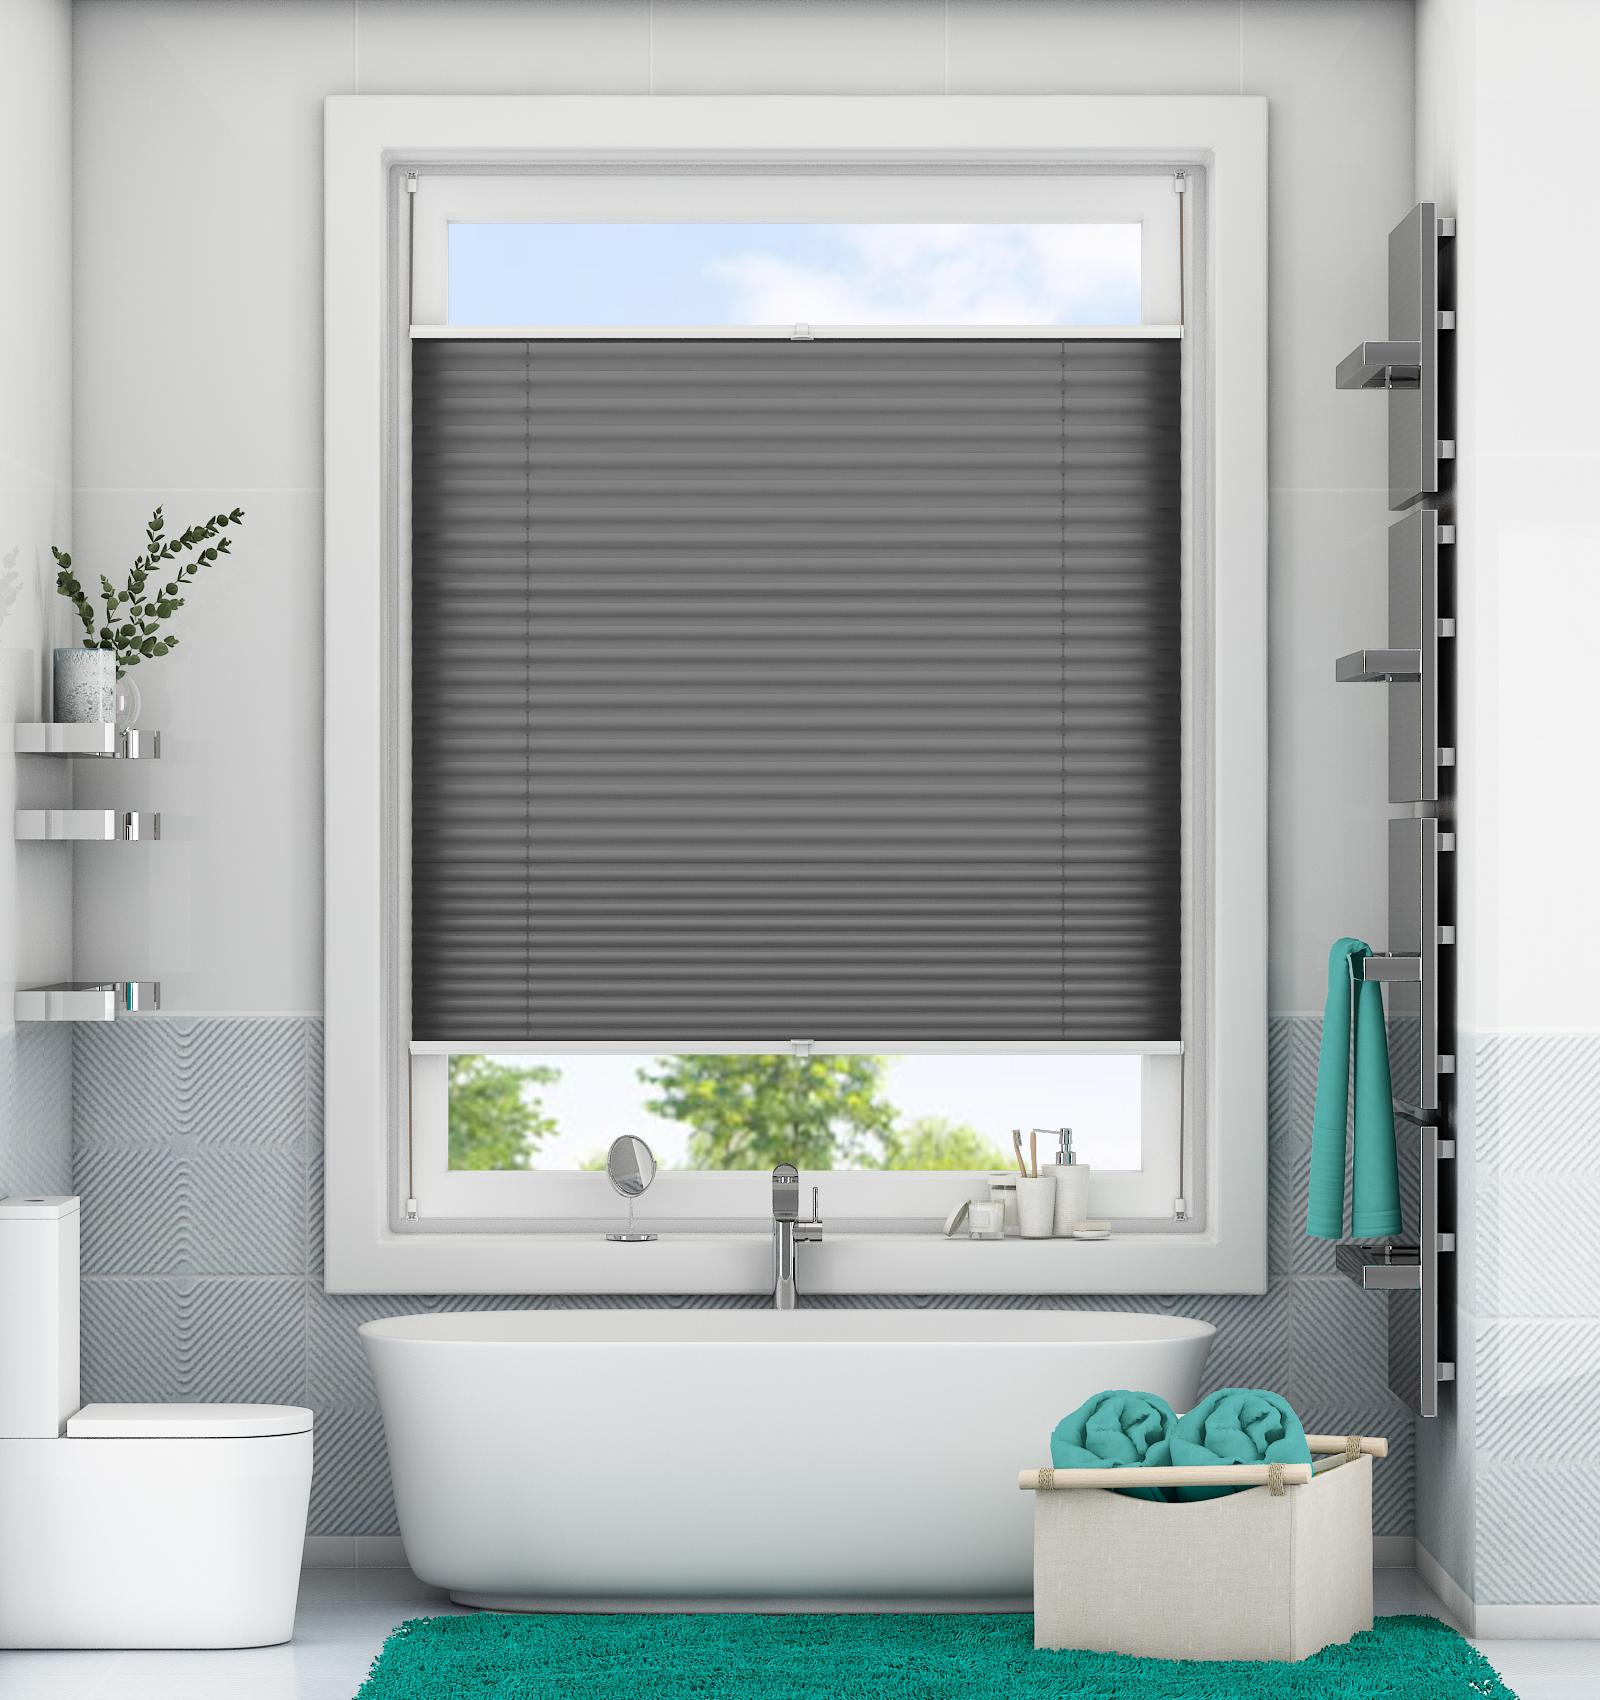 plissee klemmfix faltrollo ohne bohren jalousie verspannt rollo easyfix crush ebay. Black Bedroom Furniture Sets. Home Design Ideas